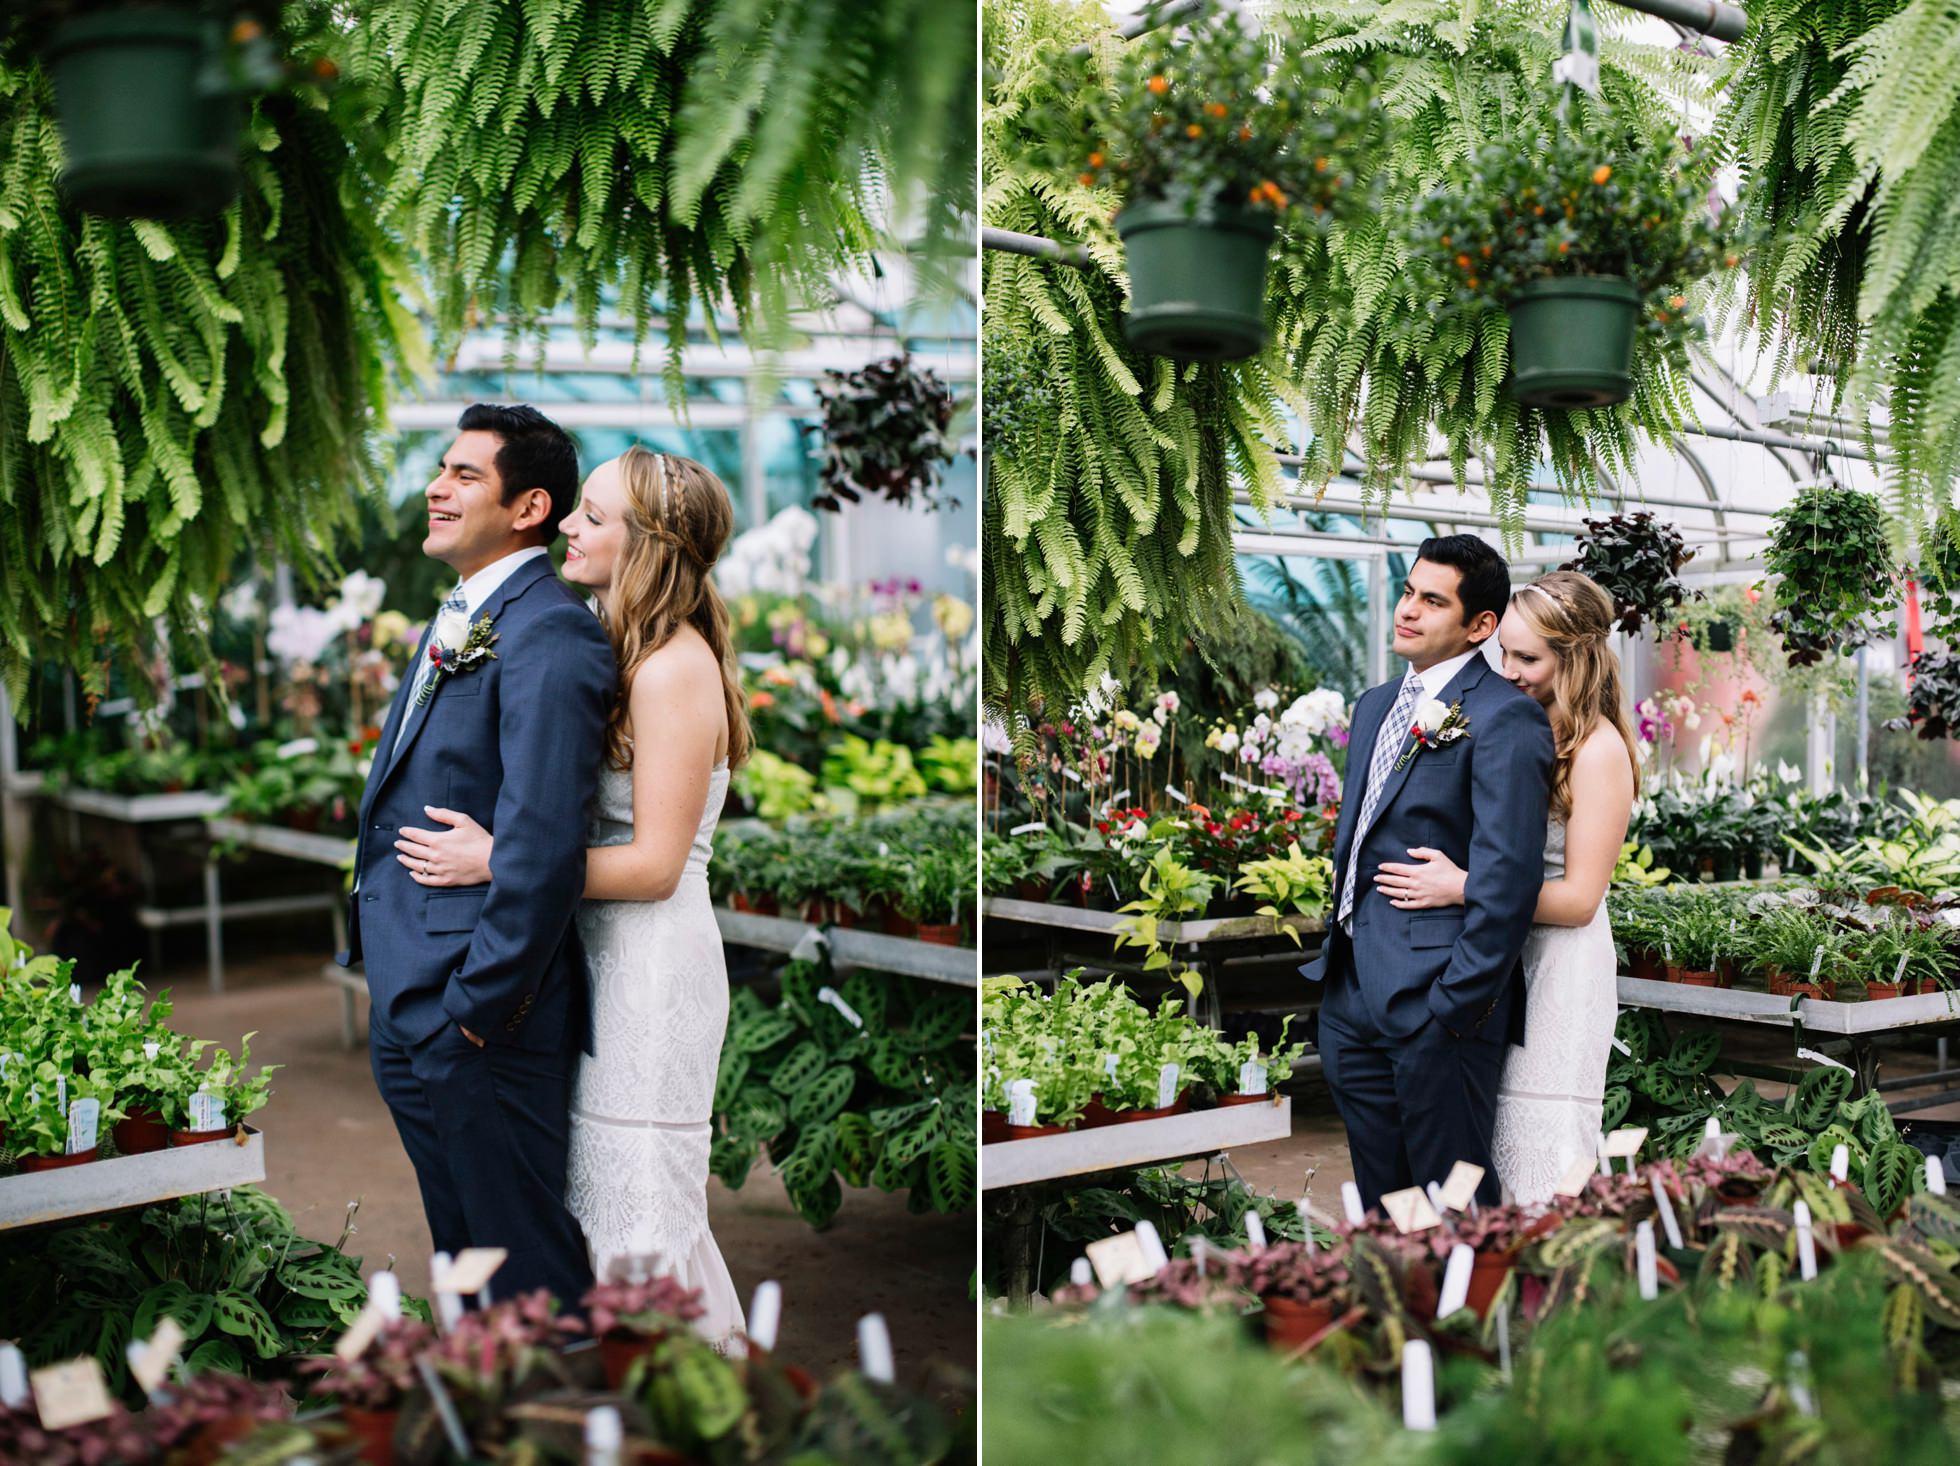 otts wedding photos schwenksville